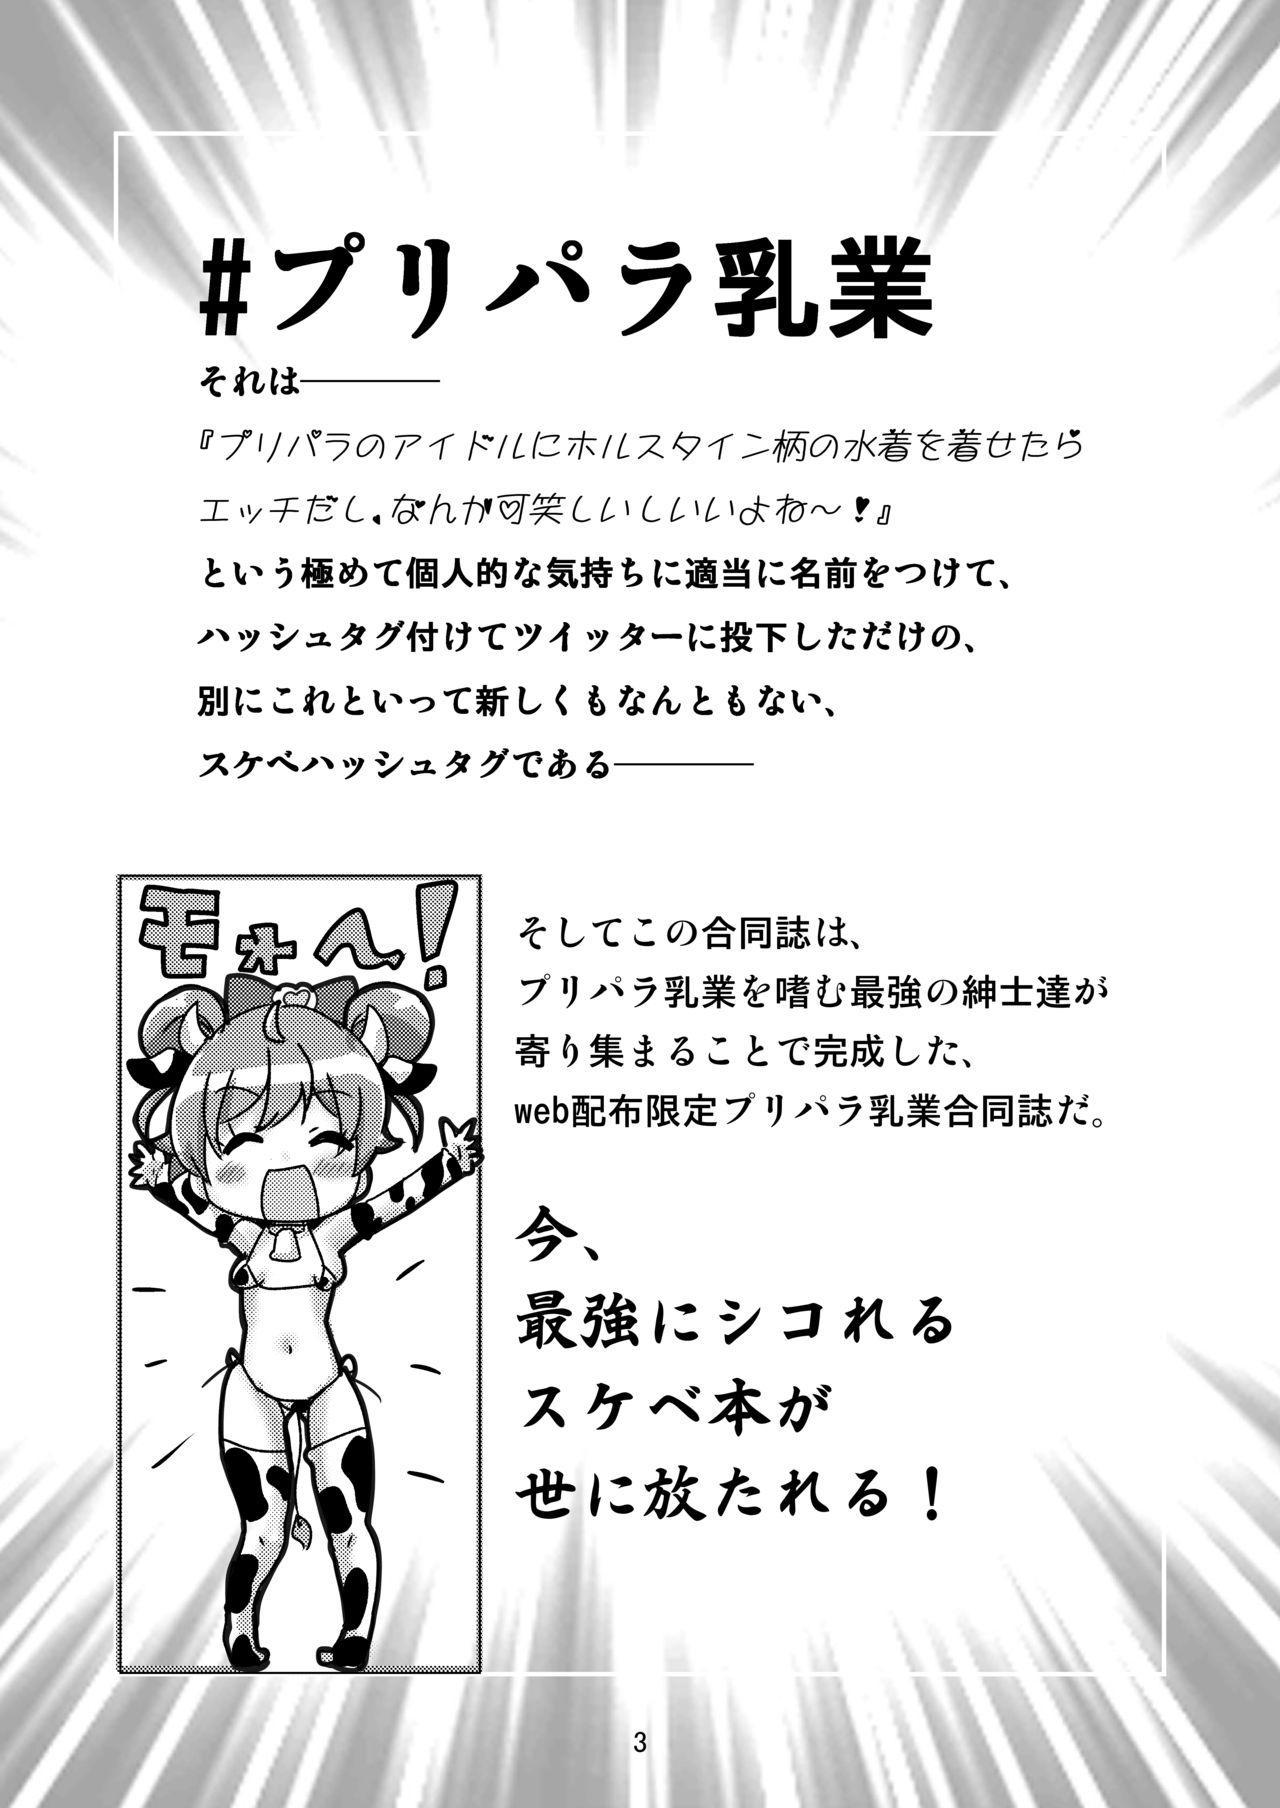 [よだか超新星 (Various) PRIPARA MILK (PriPara) [Digital] 2